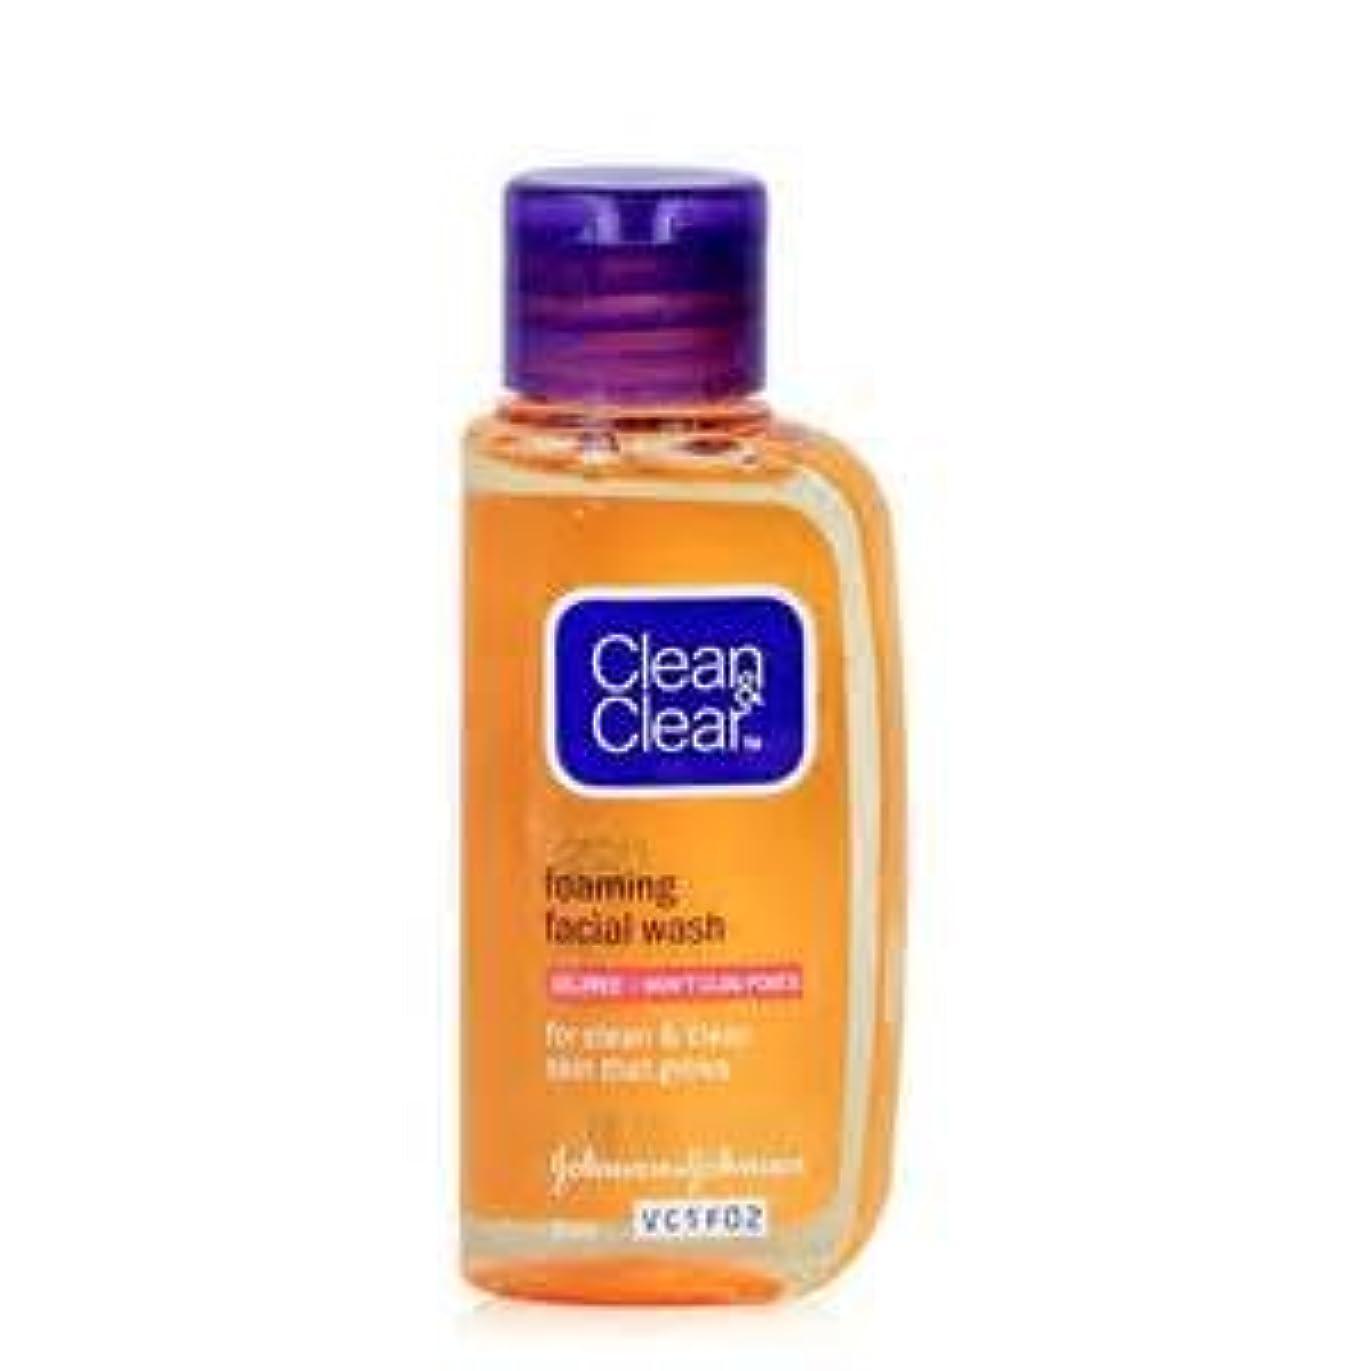 粘着性シロナガスクジラ犯罪クリーン&クリア エッセンシャル フォーミング フェイシャル ウォッシュ clean&clear essentials foaming facial wash 50ml